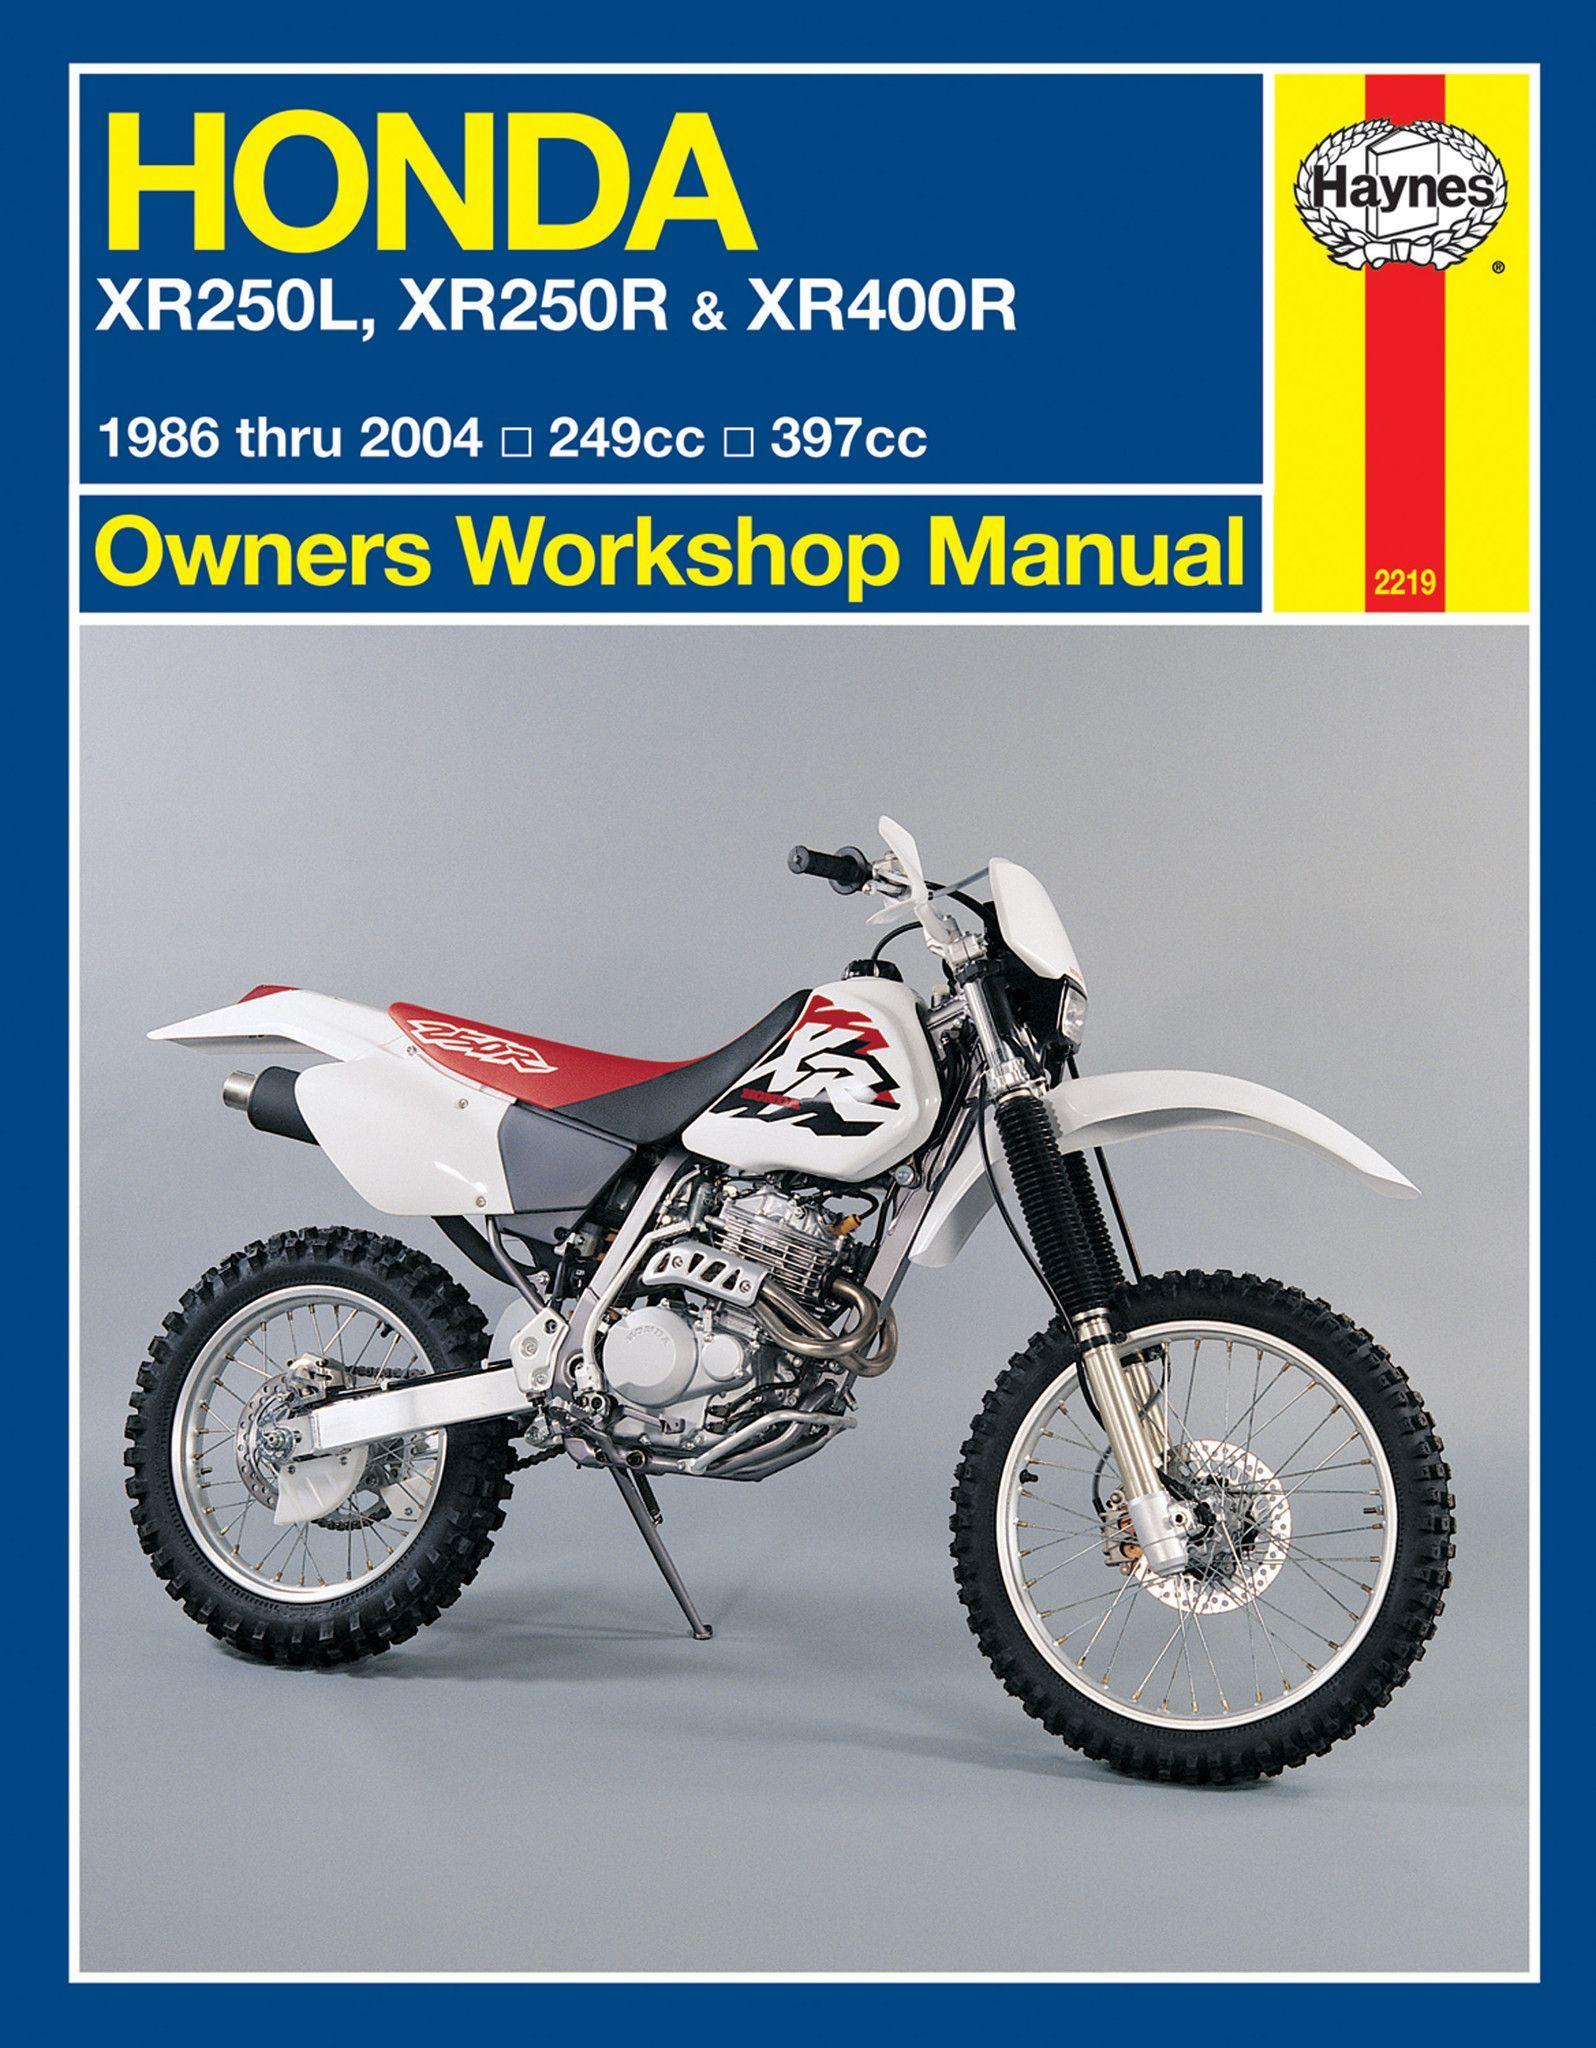 Haynes M2219 Repair Manual for Honda XR250L / XR250R / XR400R